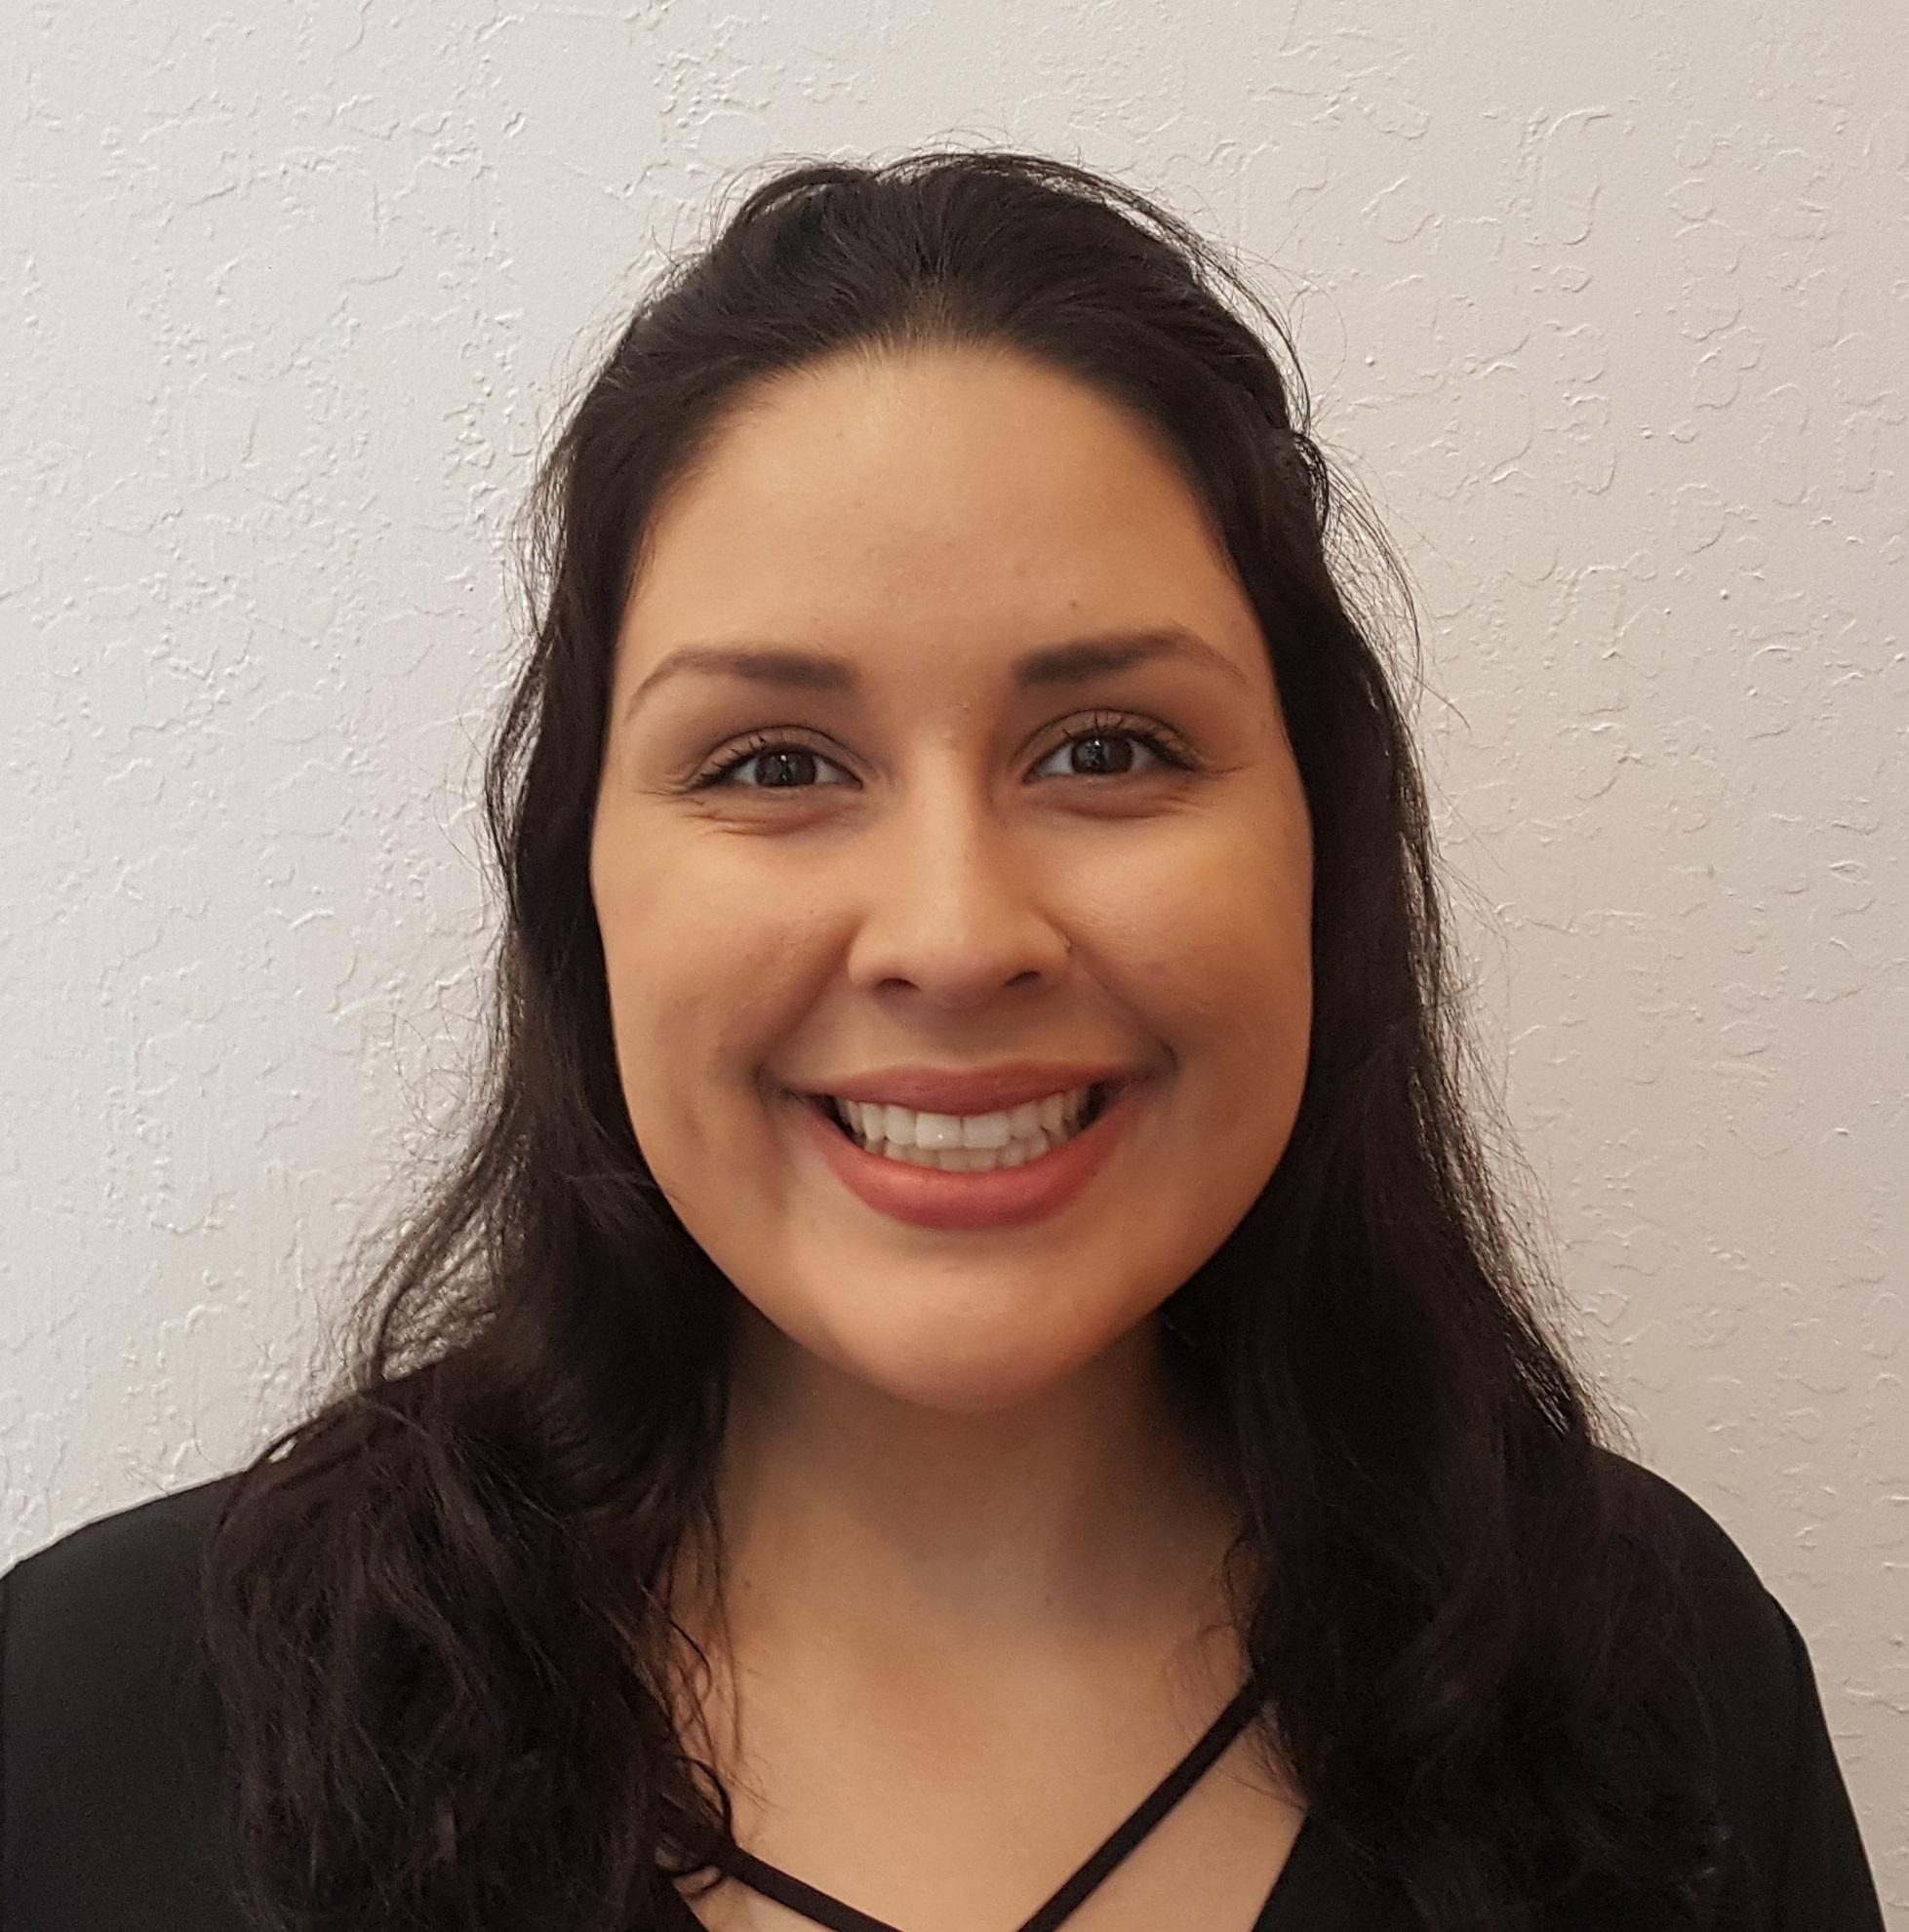 Lauren Delgado